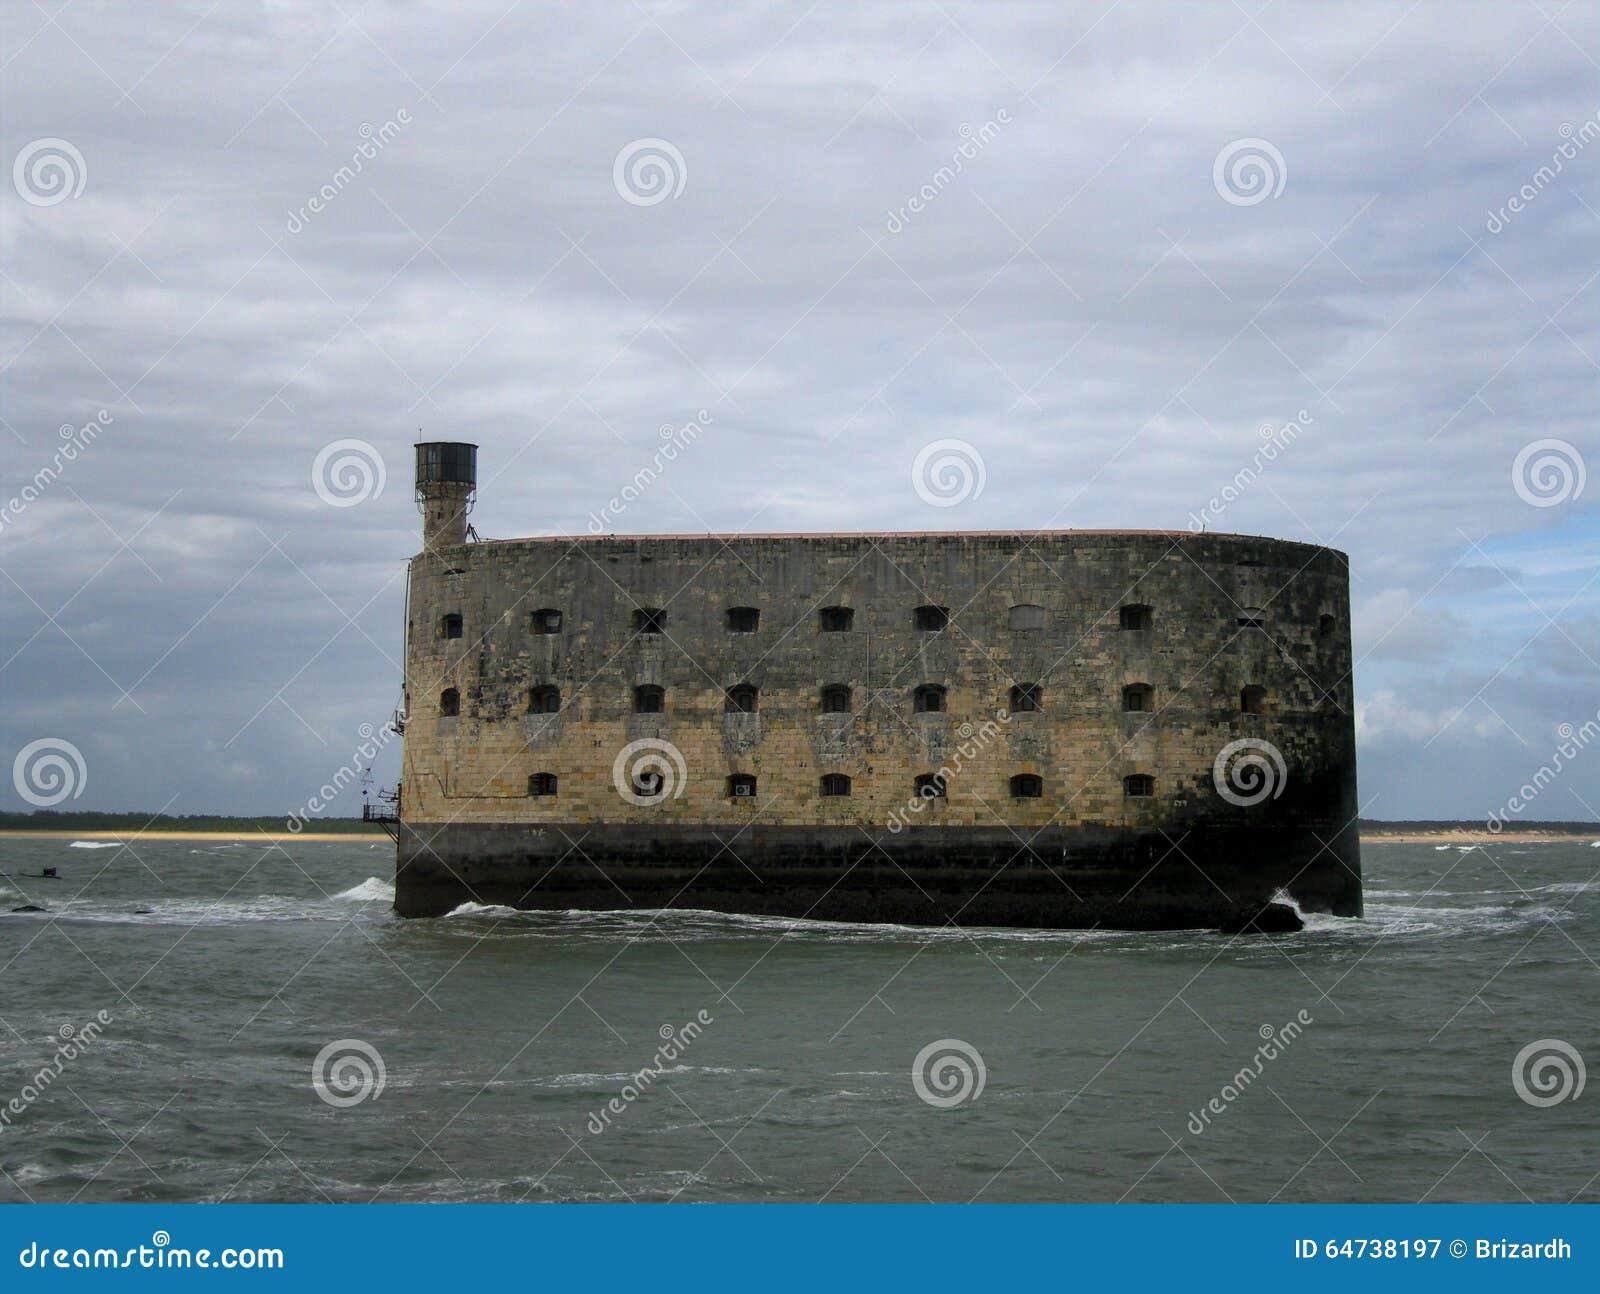 Sławna fort boyard wyspa, Francja